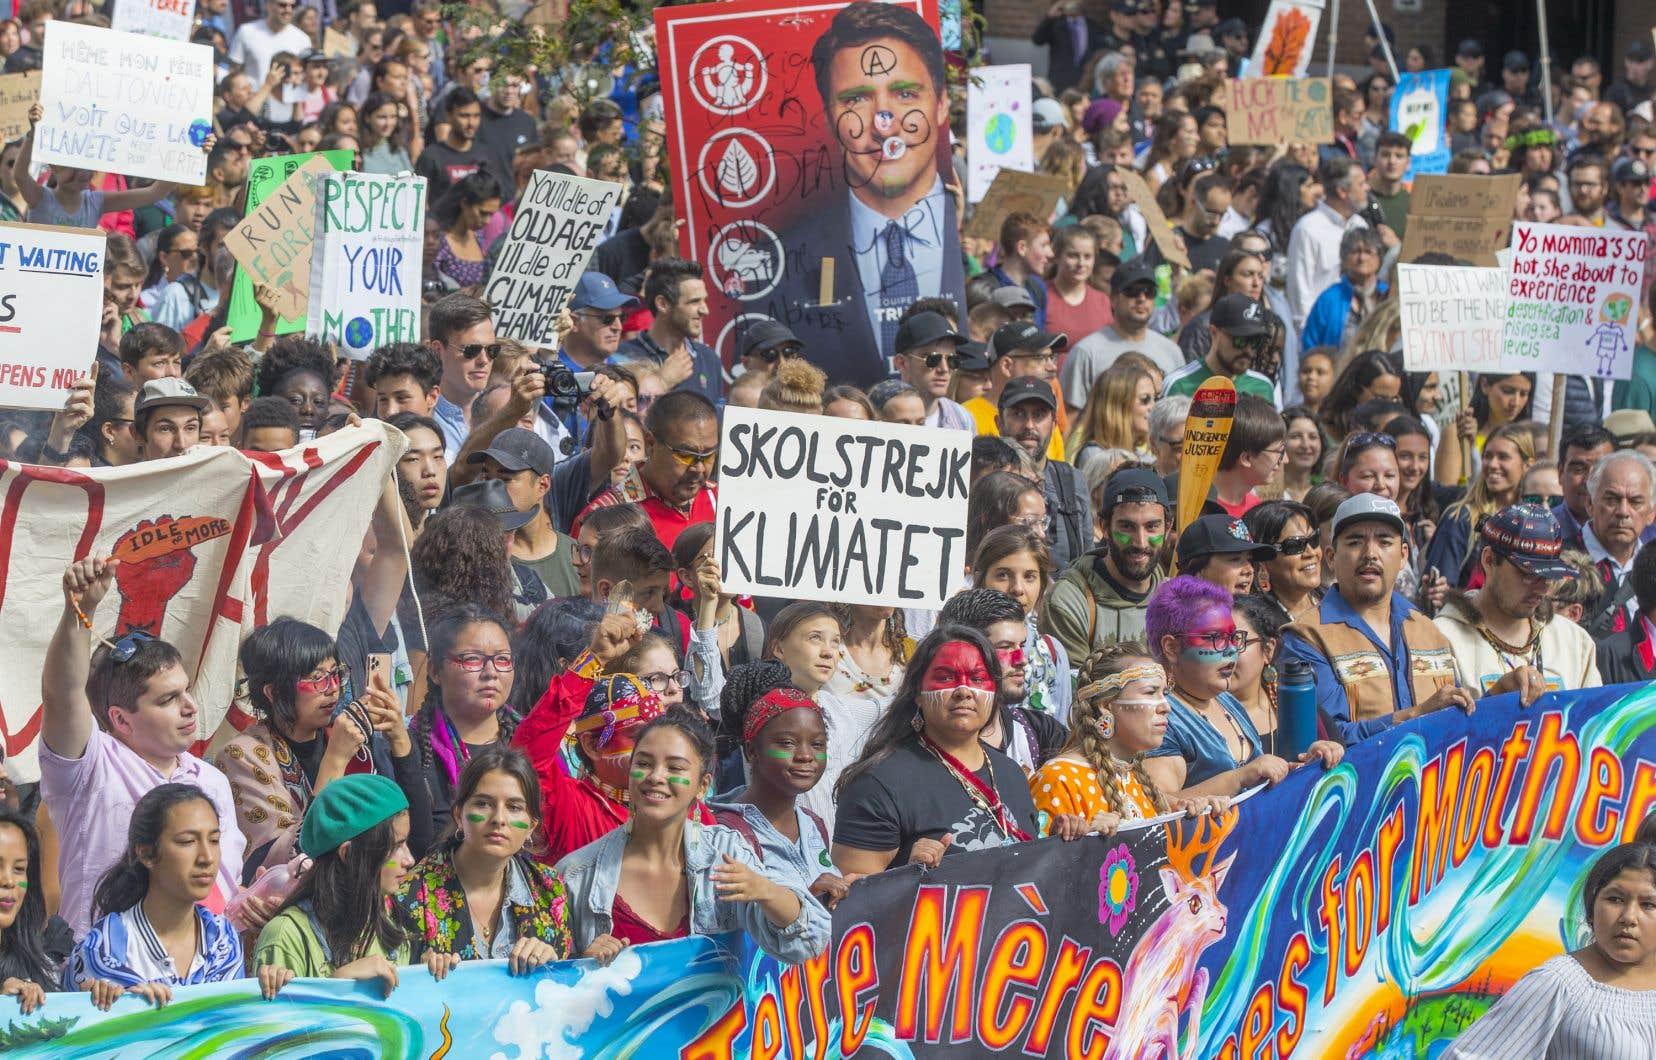 À l'instar de plusieurs villes dans le monde, la grande marche pour le climat a traversé Montréal le 27septembre dernier. Au centre de la photo, on aperçoit la jeune militante suédoise Greta Thunberg, qui est à l'origine du mouvement mondial de grèves scolaires pour le climat.